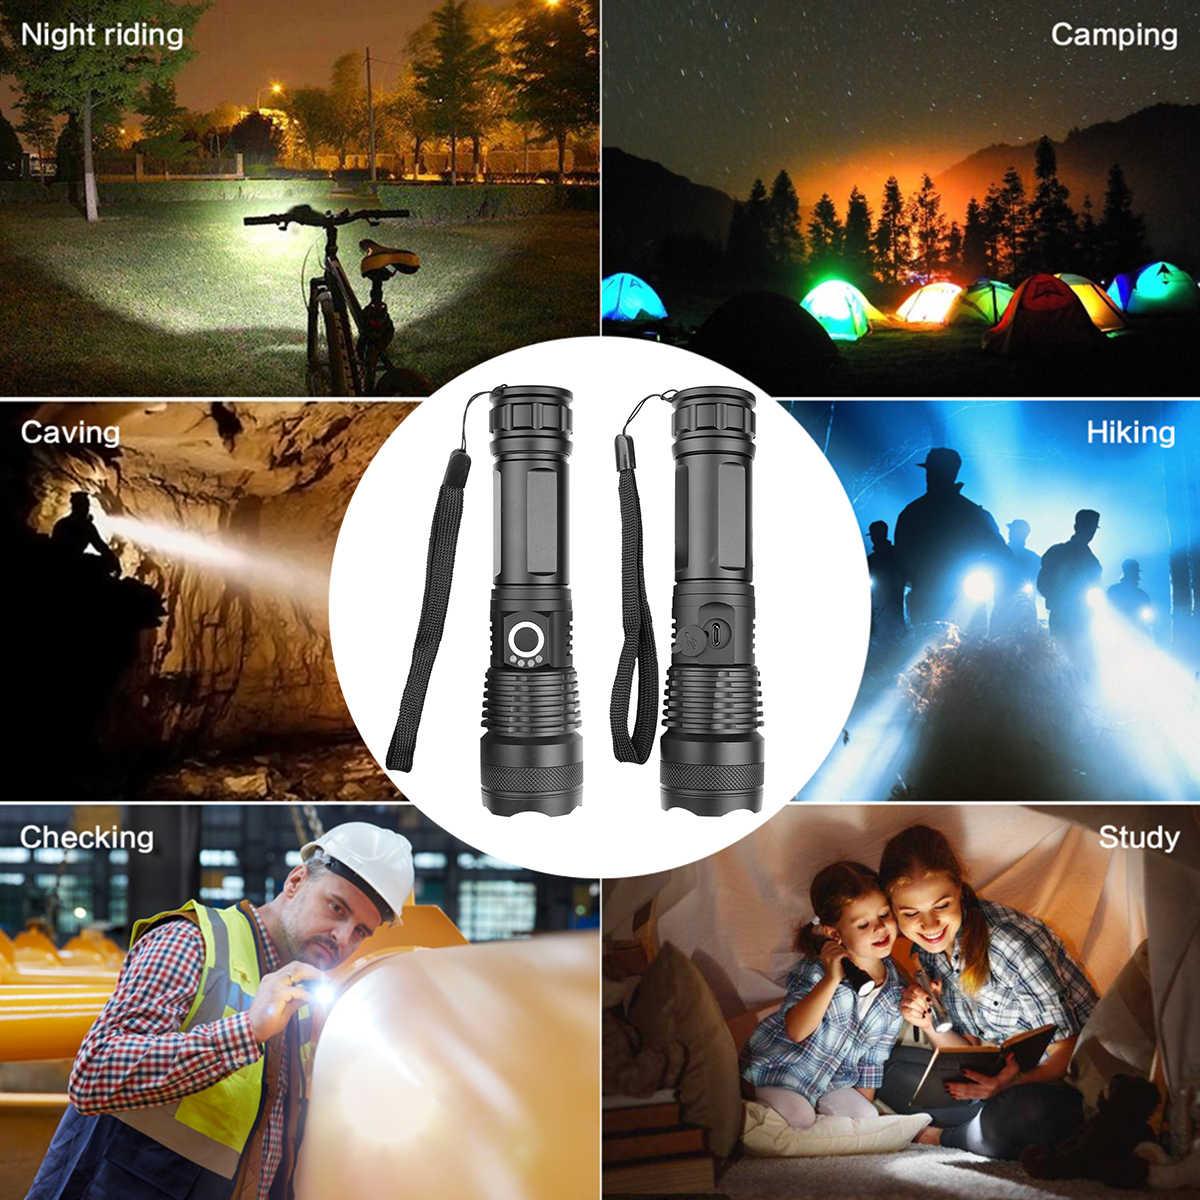 30000 Lumens Đèn xhp50.2 mạnh nhất Đèn pin USB Zoom linterna Đèn pin Led Sạc XHP50 18650 hoặc 26650 săn bắn